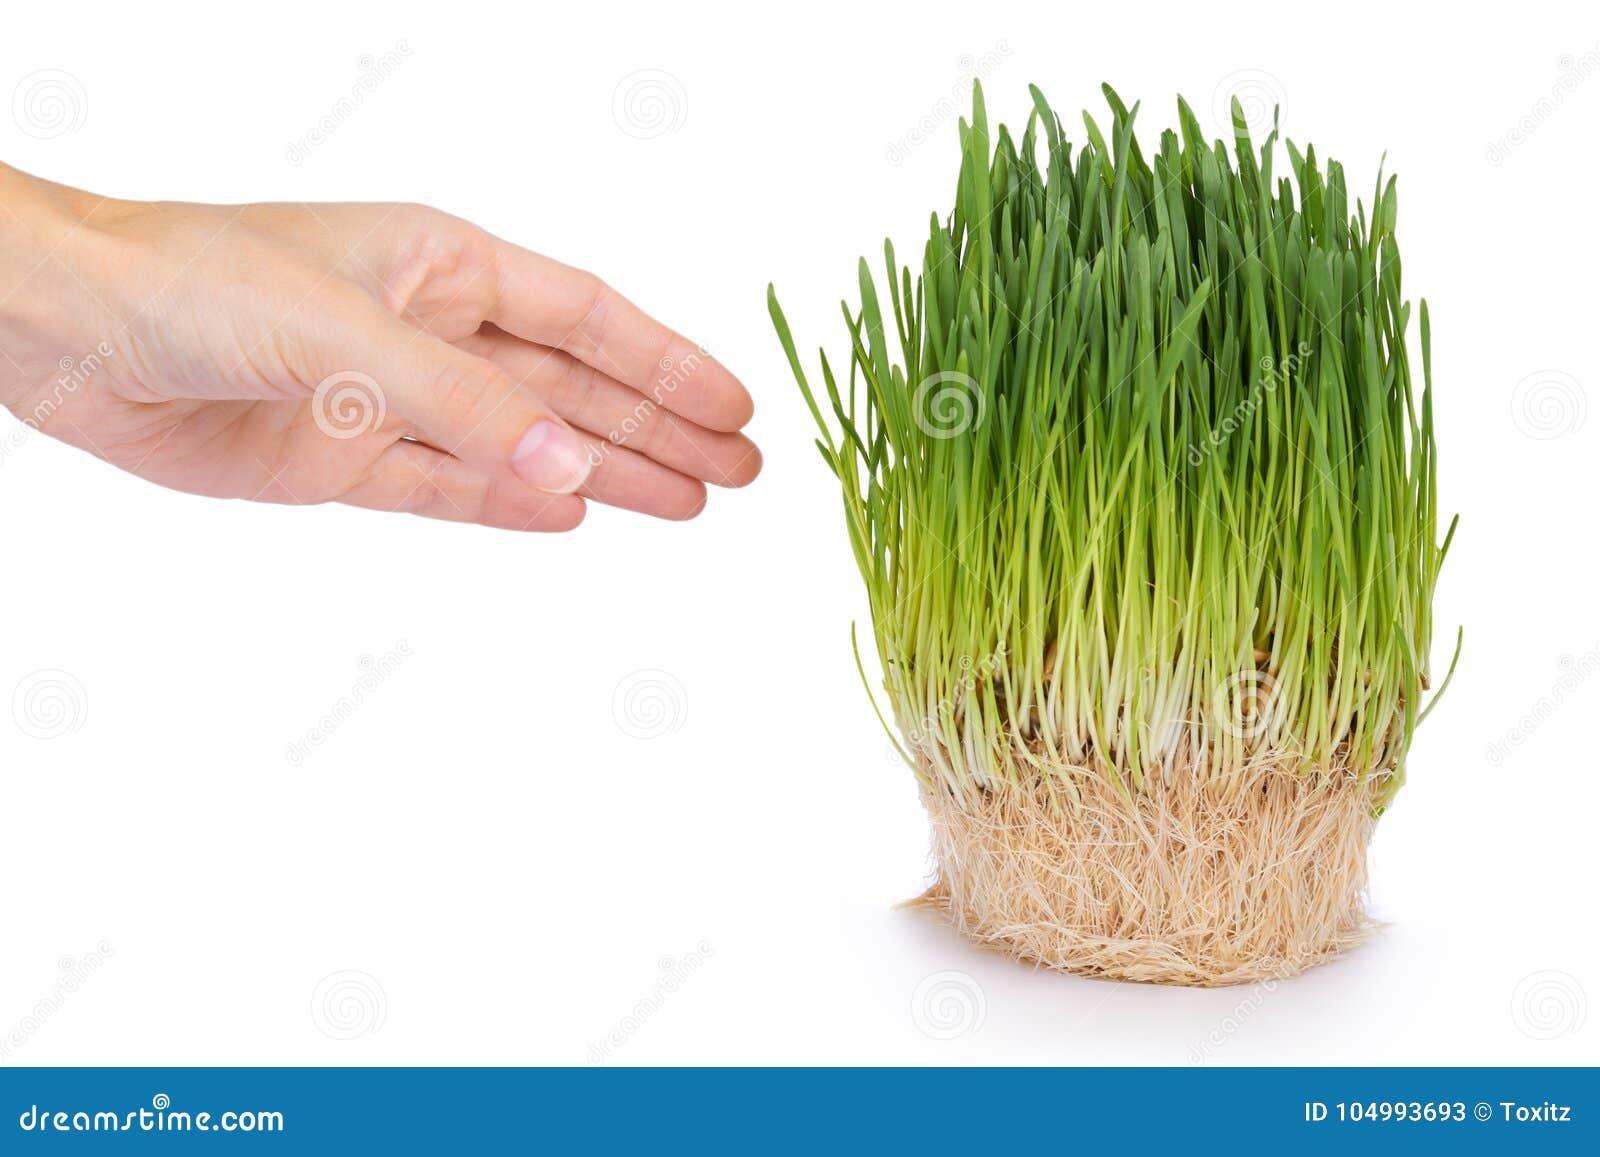 Potomstwo adry flanca w ręce odizolowywającej na białym tle, zielona trawa, zdrowy jedzenie